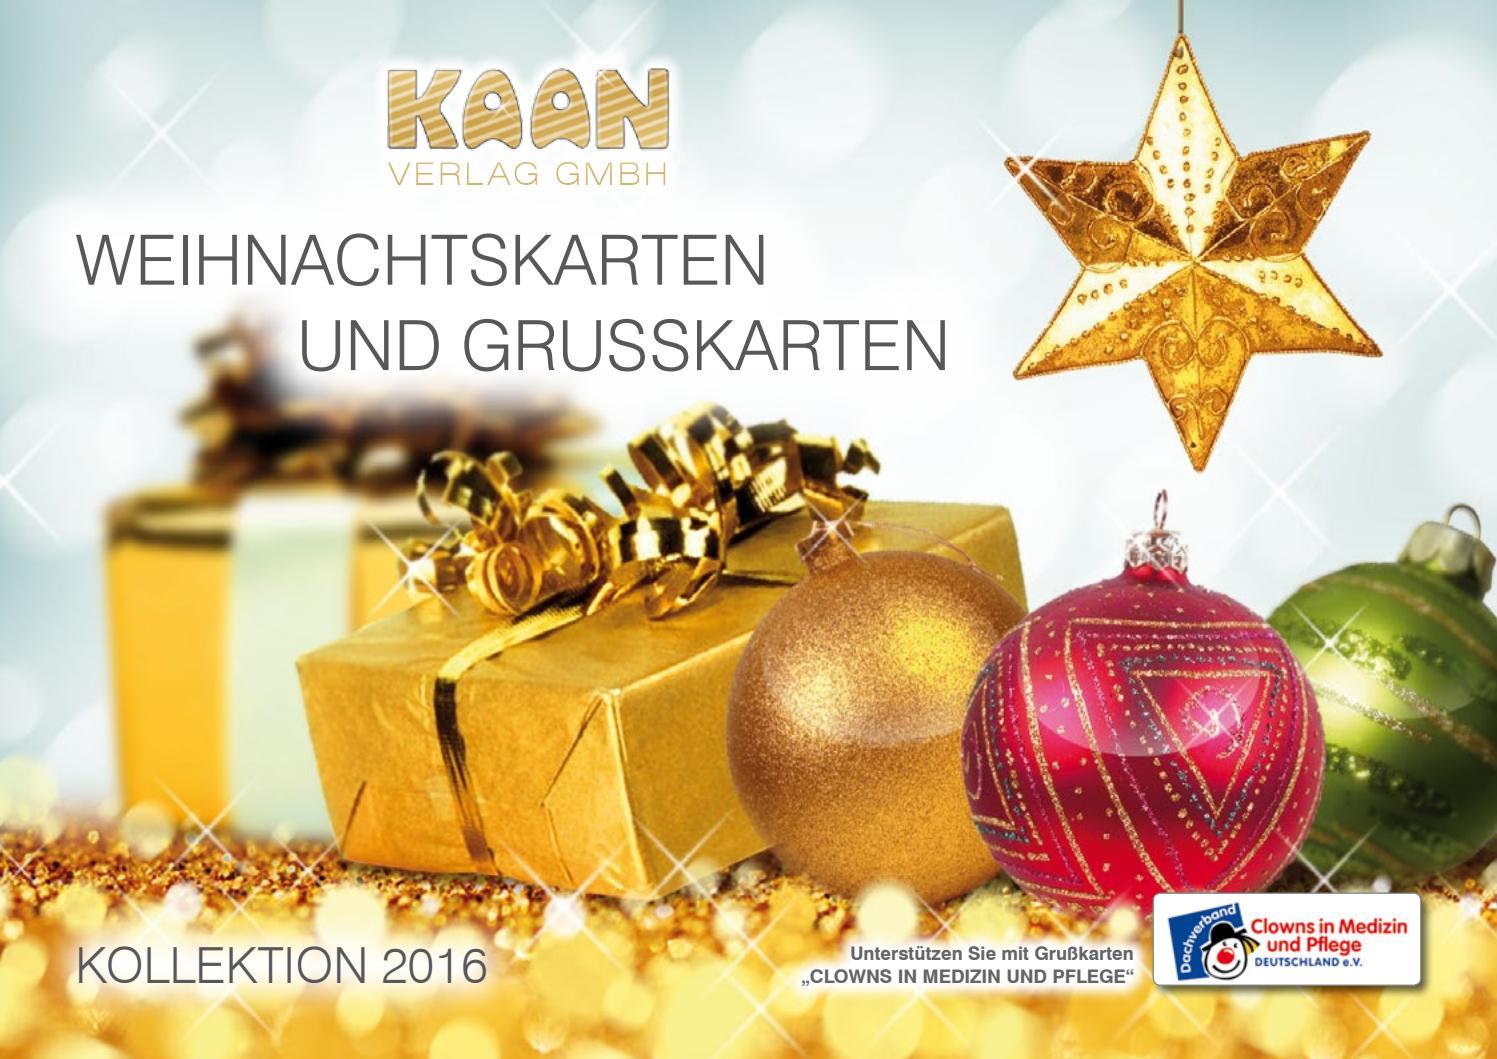 Weihnachtskarten Verlag.Weihnachtskarten Kaan Verlag Gmbh By Kaan Verlag Gmbh Issuu